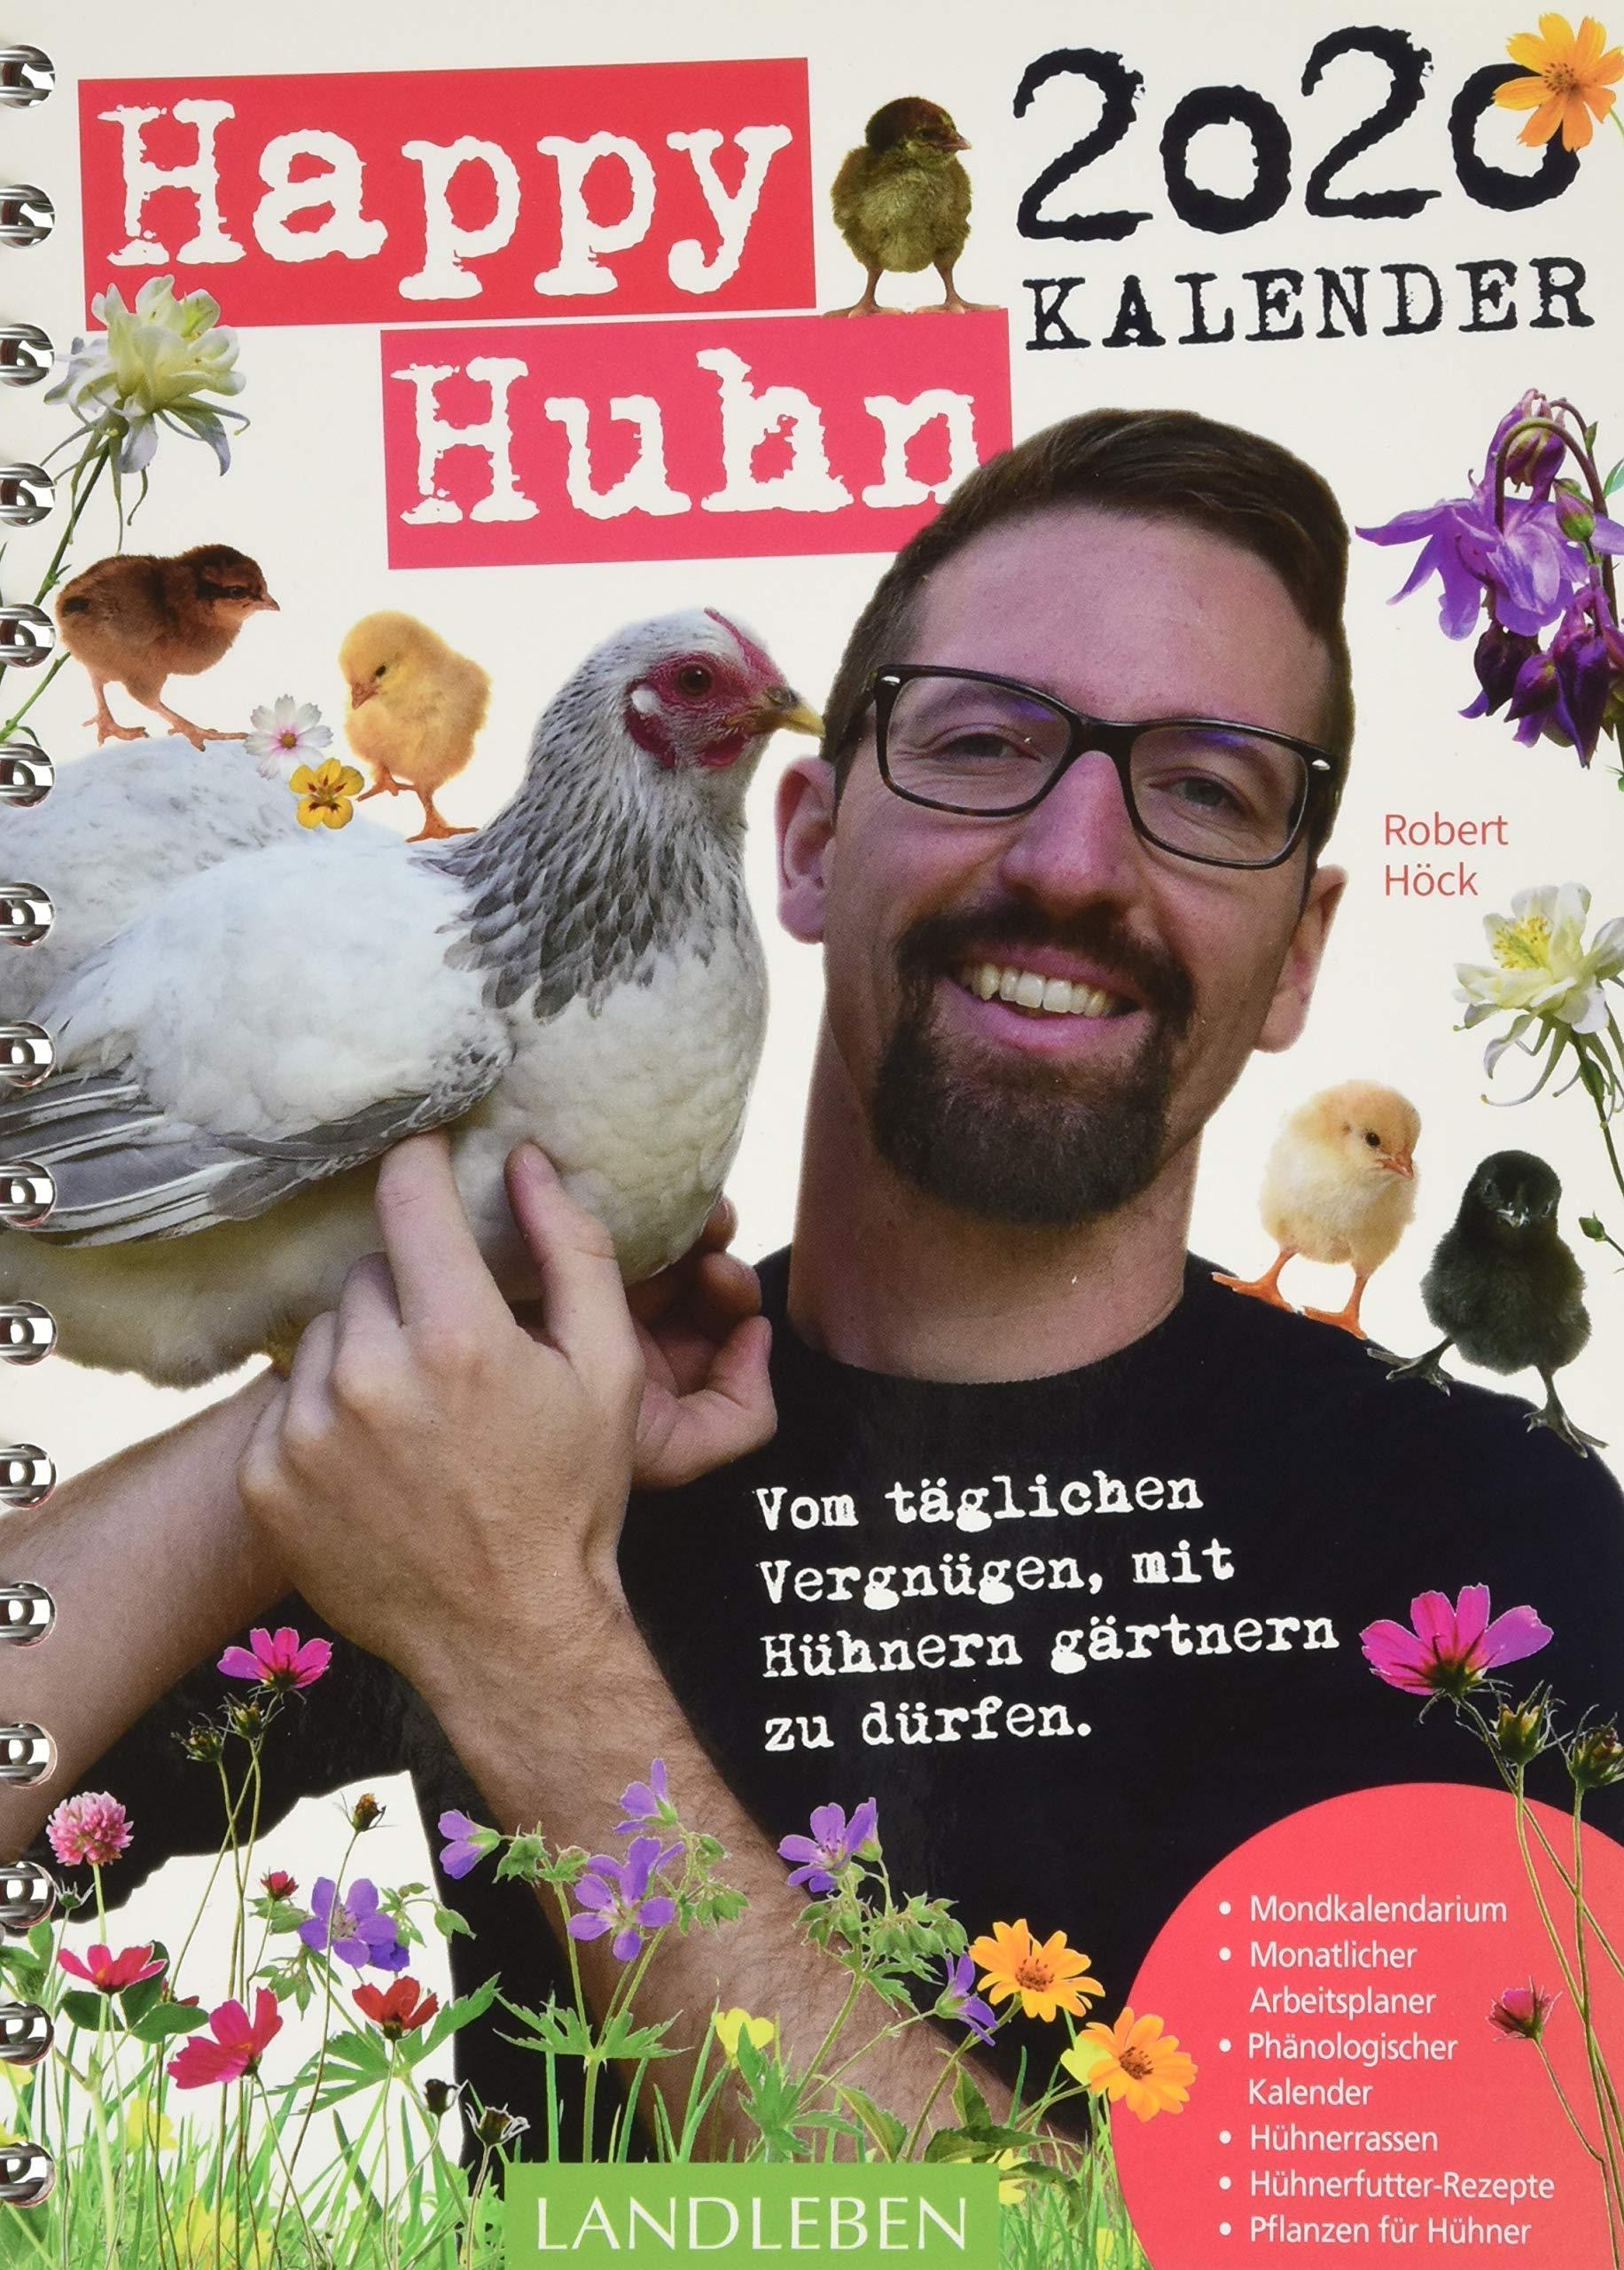 Happy Huhn Kalender 2020  Vom Täglichen Vergnügen Mit Hühnern Gärtnern Zu Dürfen.  AvBuch Im Cadmos Verlag   Im Cadmos Verlag